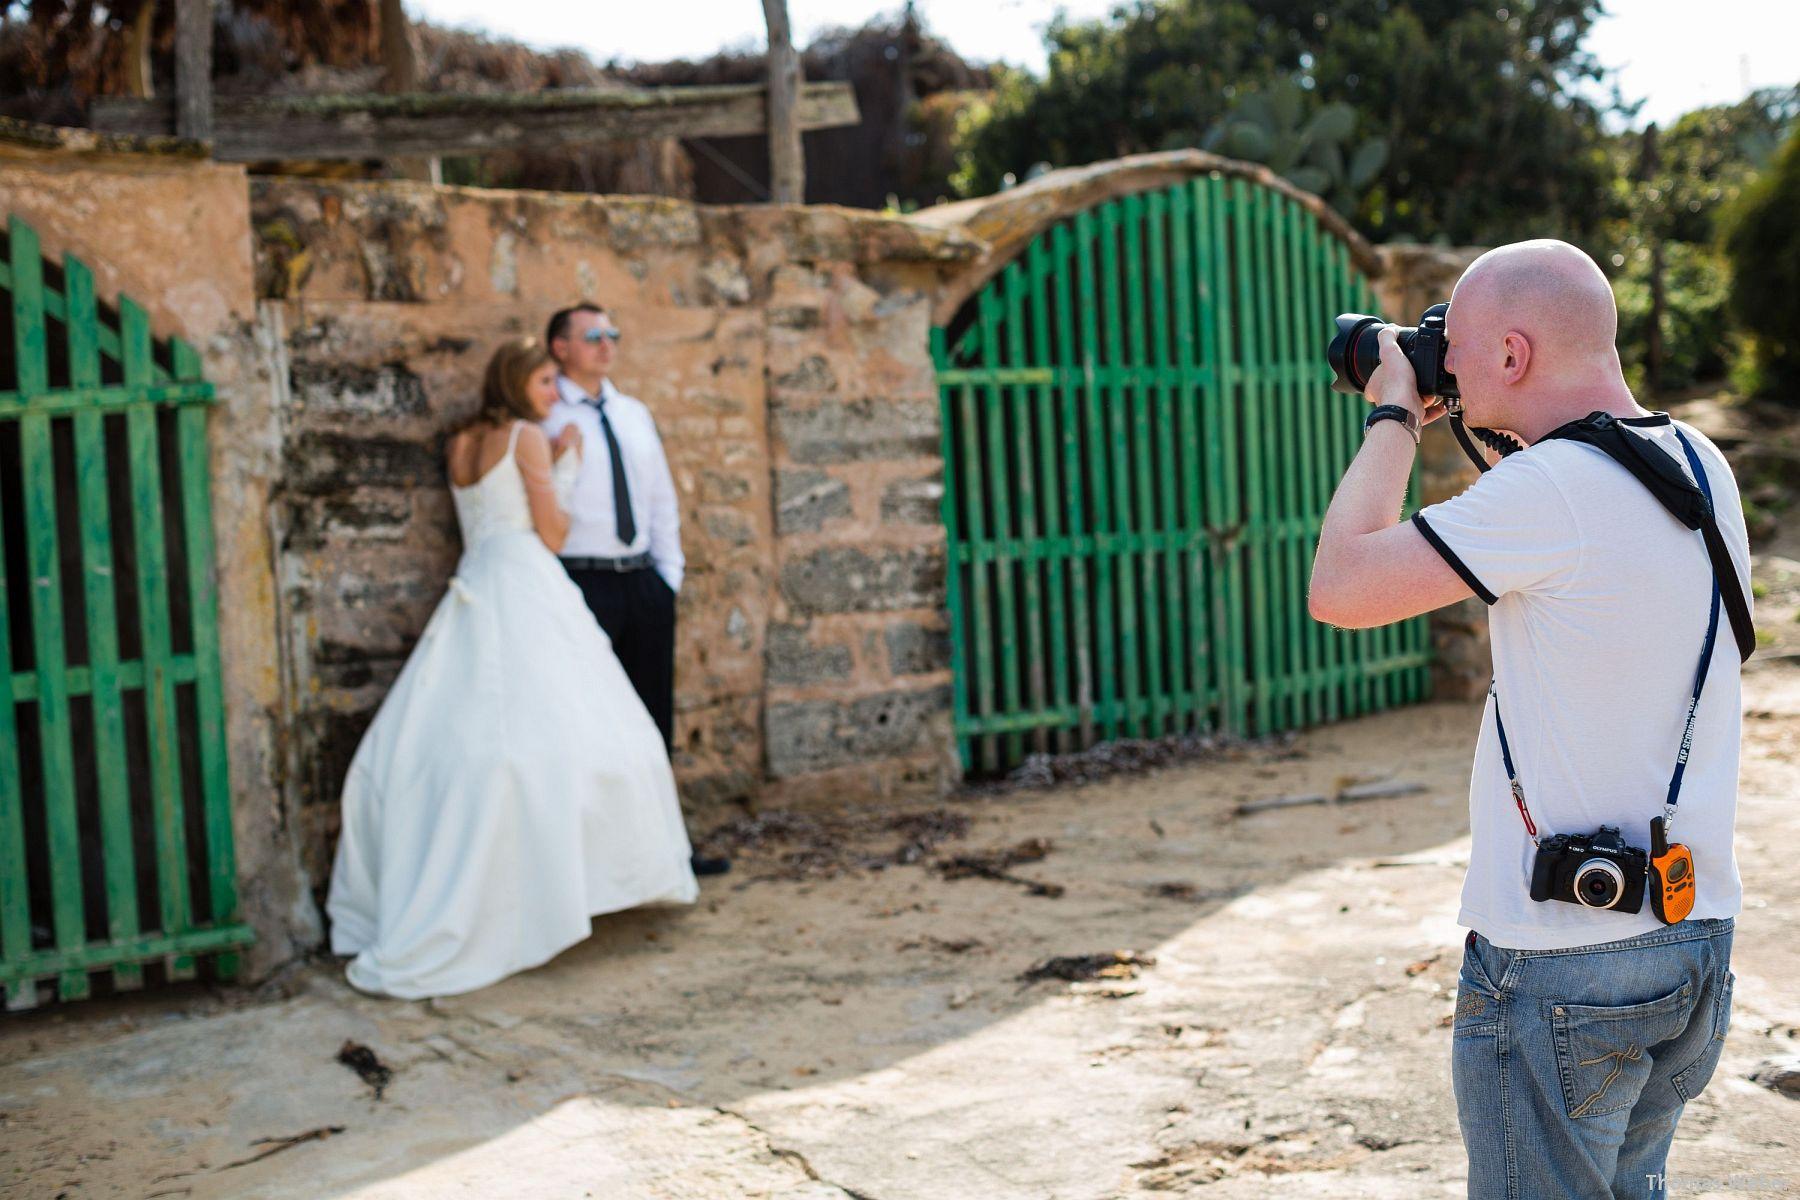 Hochzeitsfotograf Thomas Weber aus Oldenburg: Hochzeitsfotos und Paarfotos auf Mallorca (72)